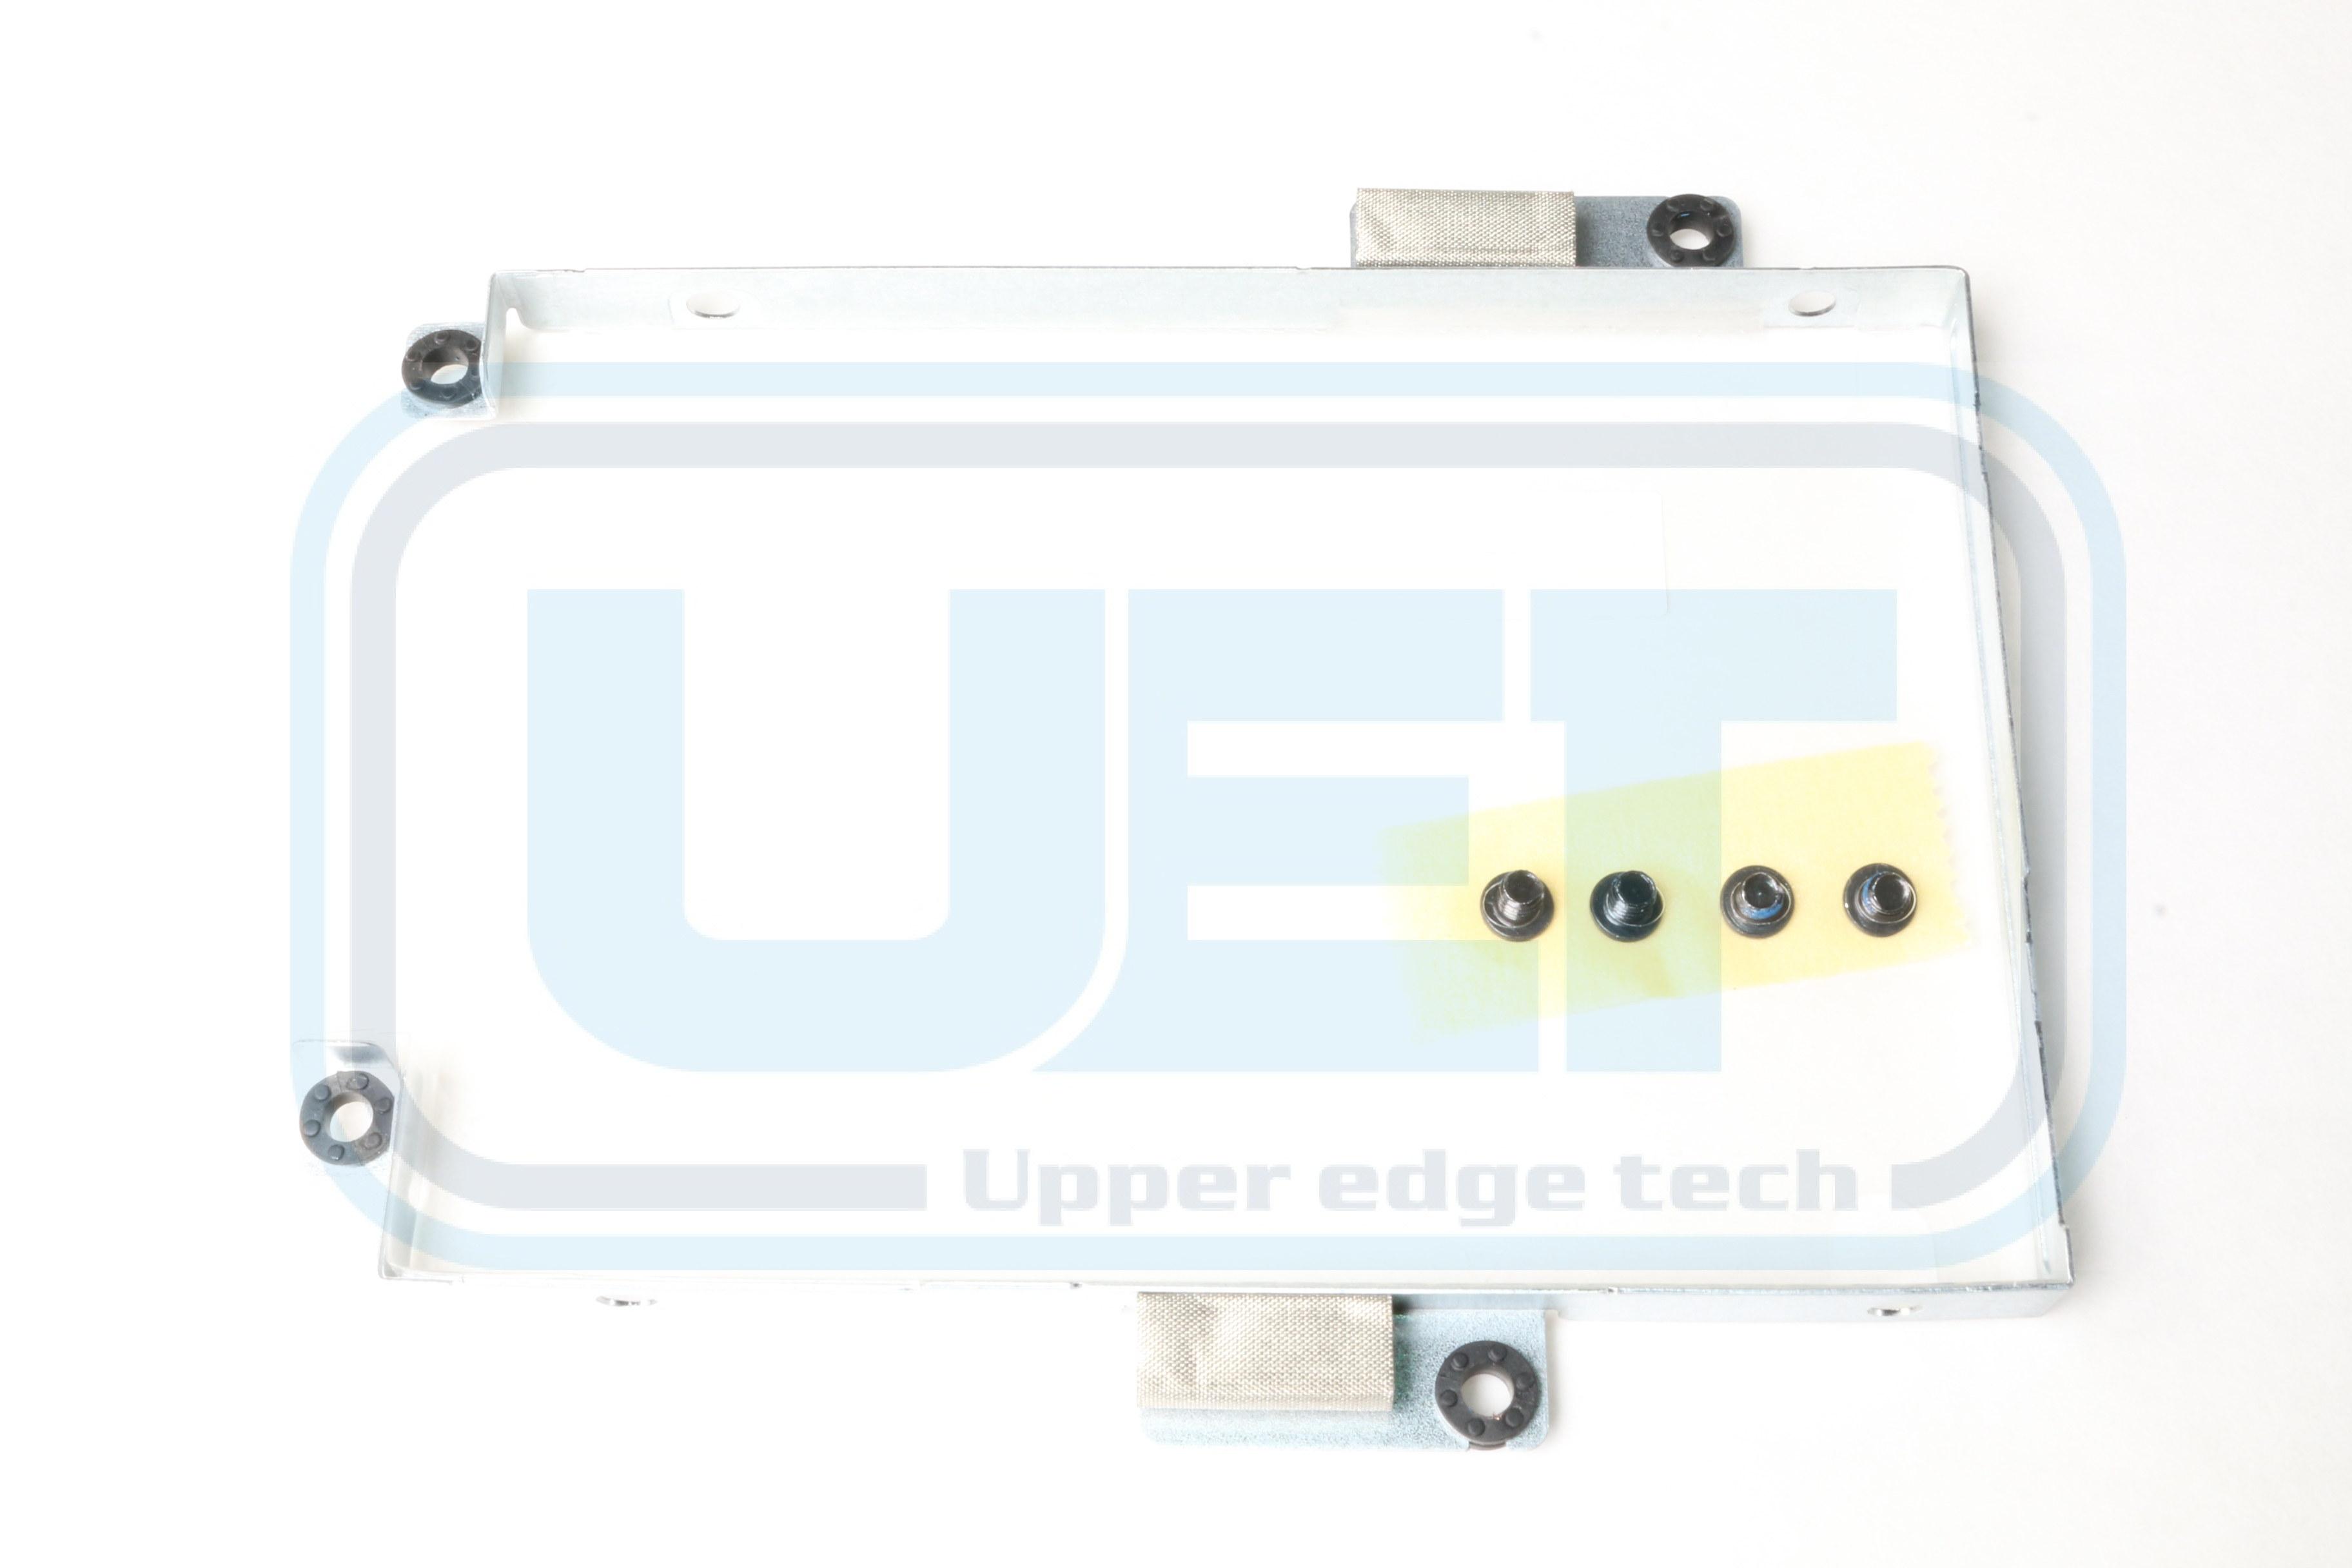 1set × Gear Kit for EPS M-U220PB u220pd u220pa M188D M188B Ribbon Drive Gear Kit